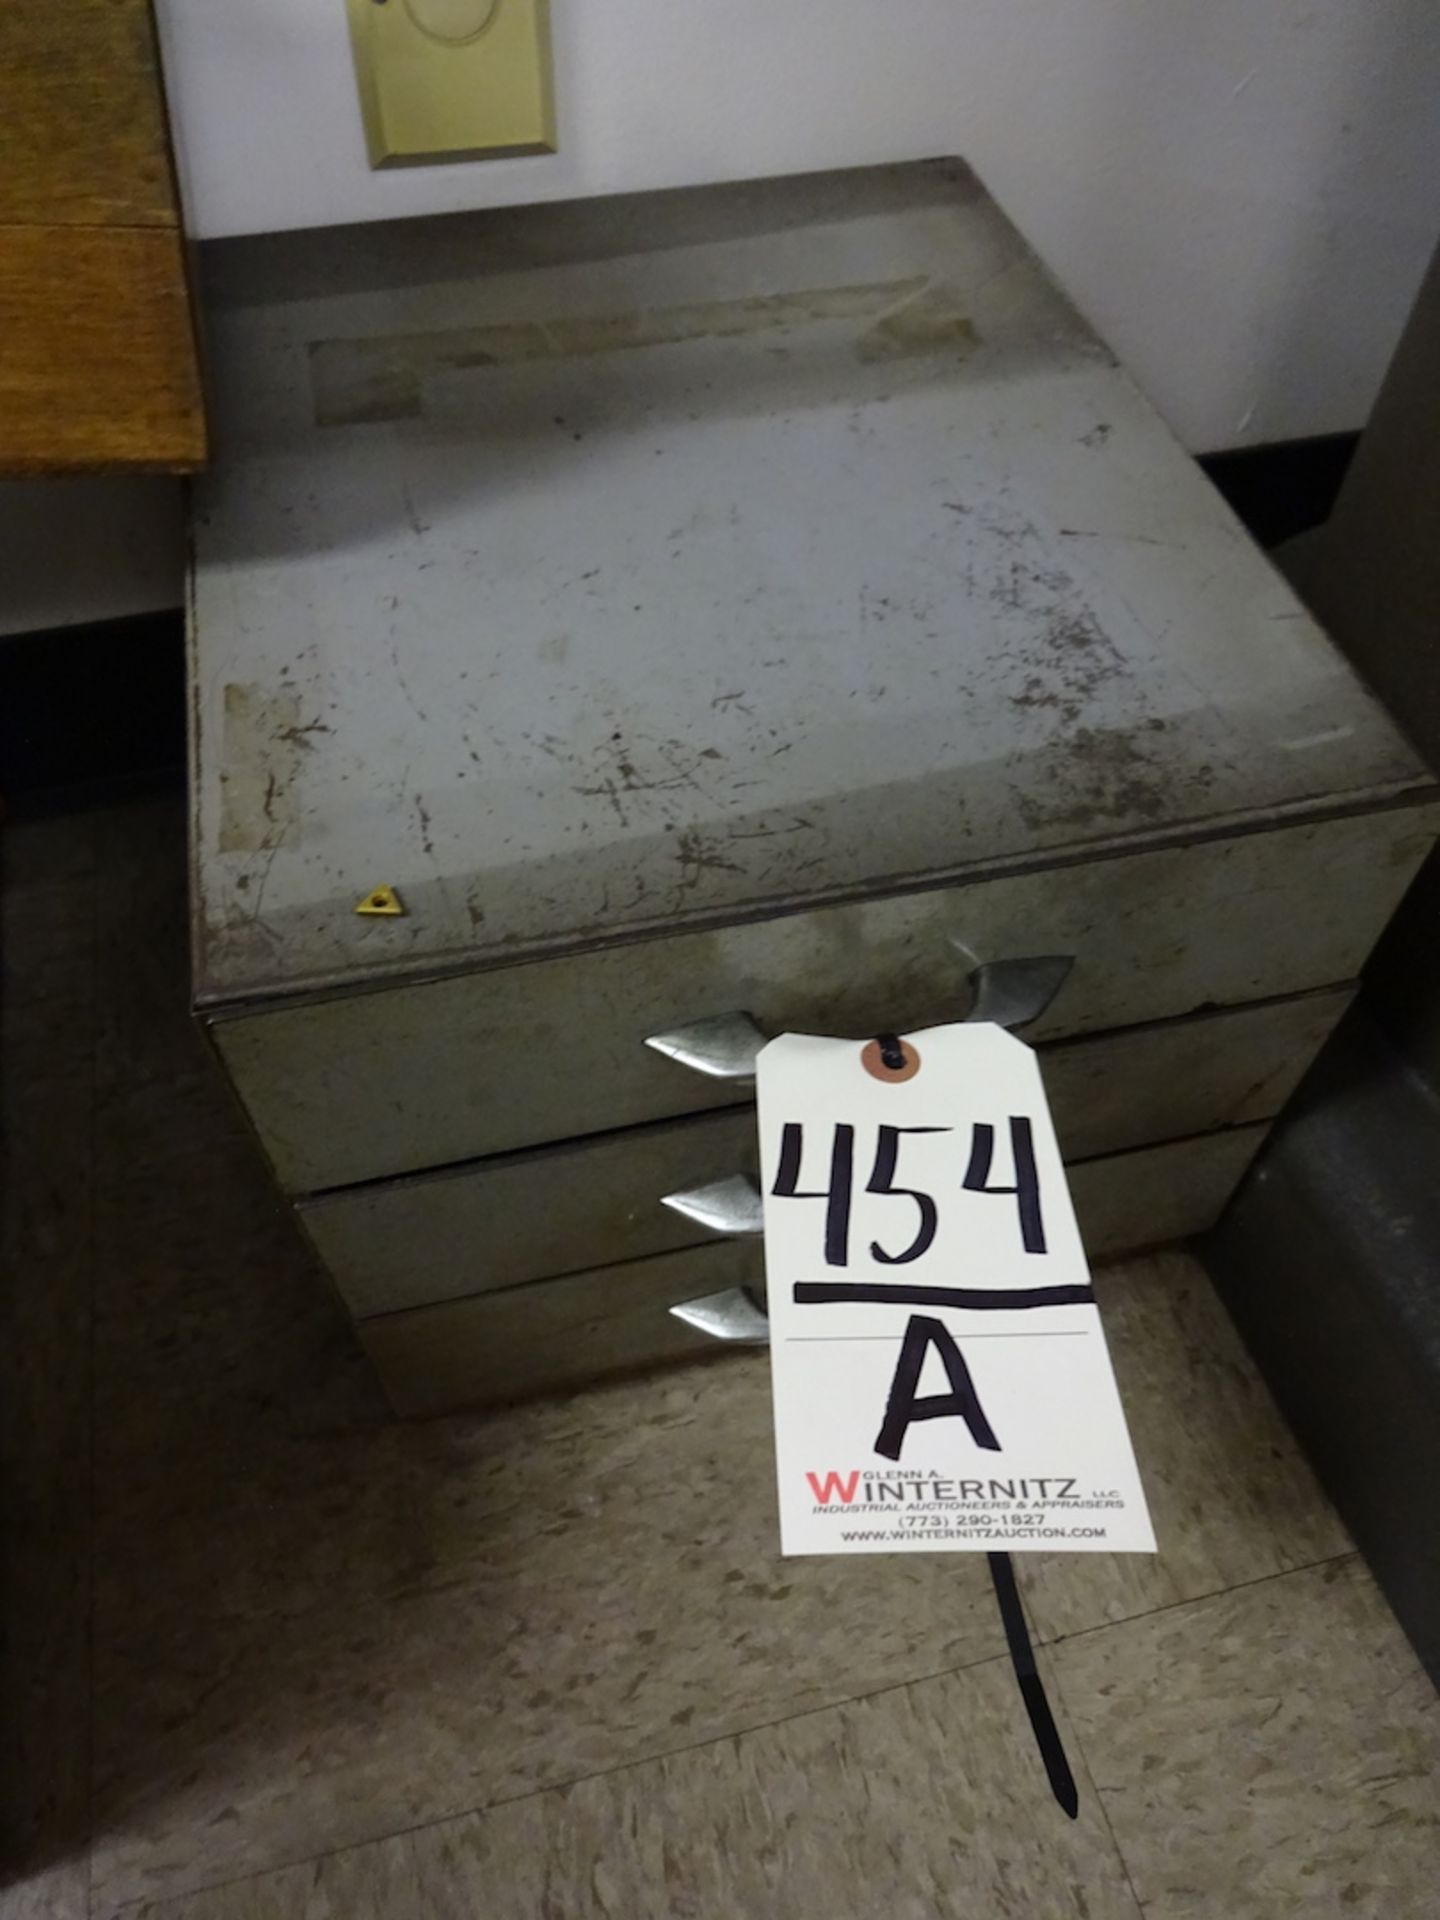 Lot 454A - 3-Drawer Pin Gauge Set